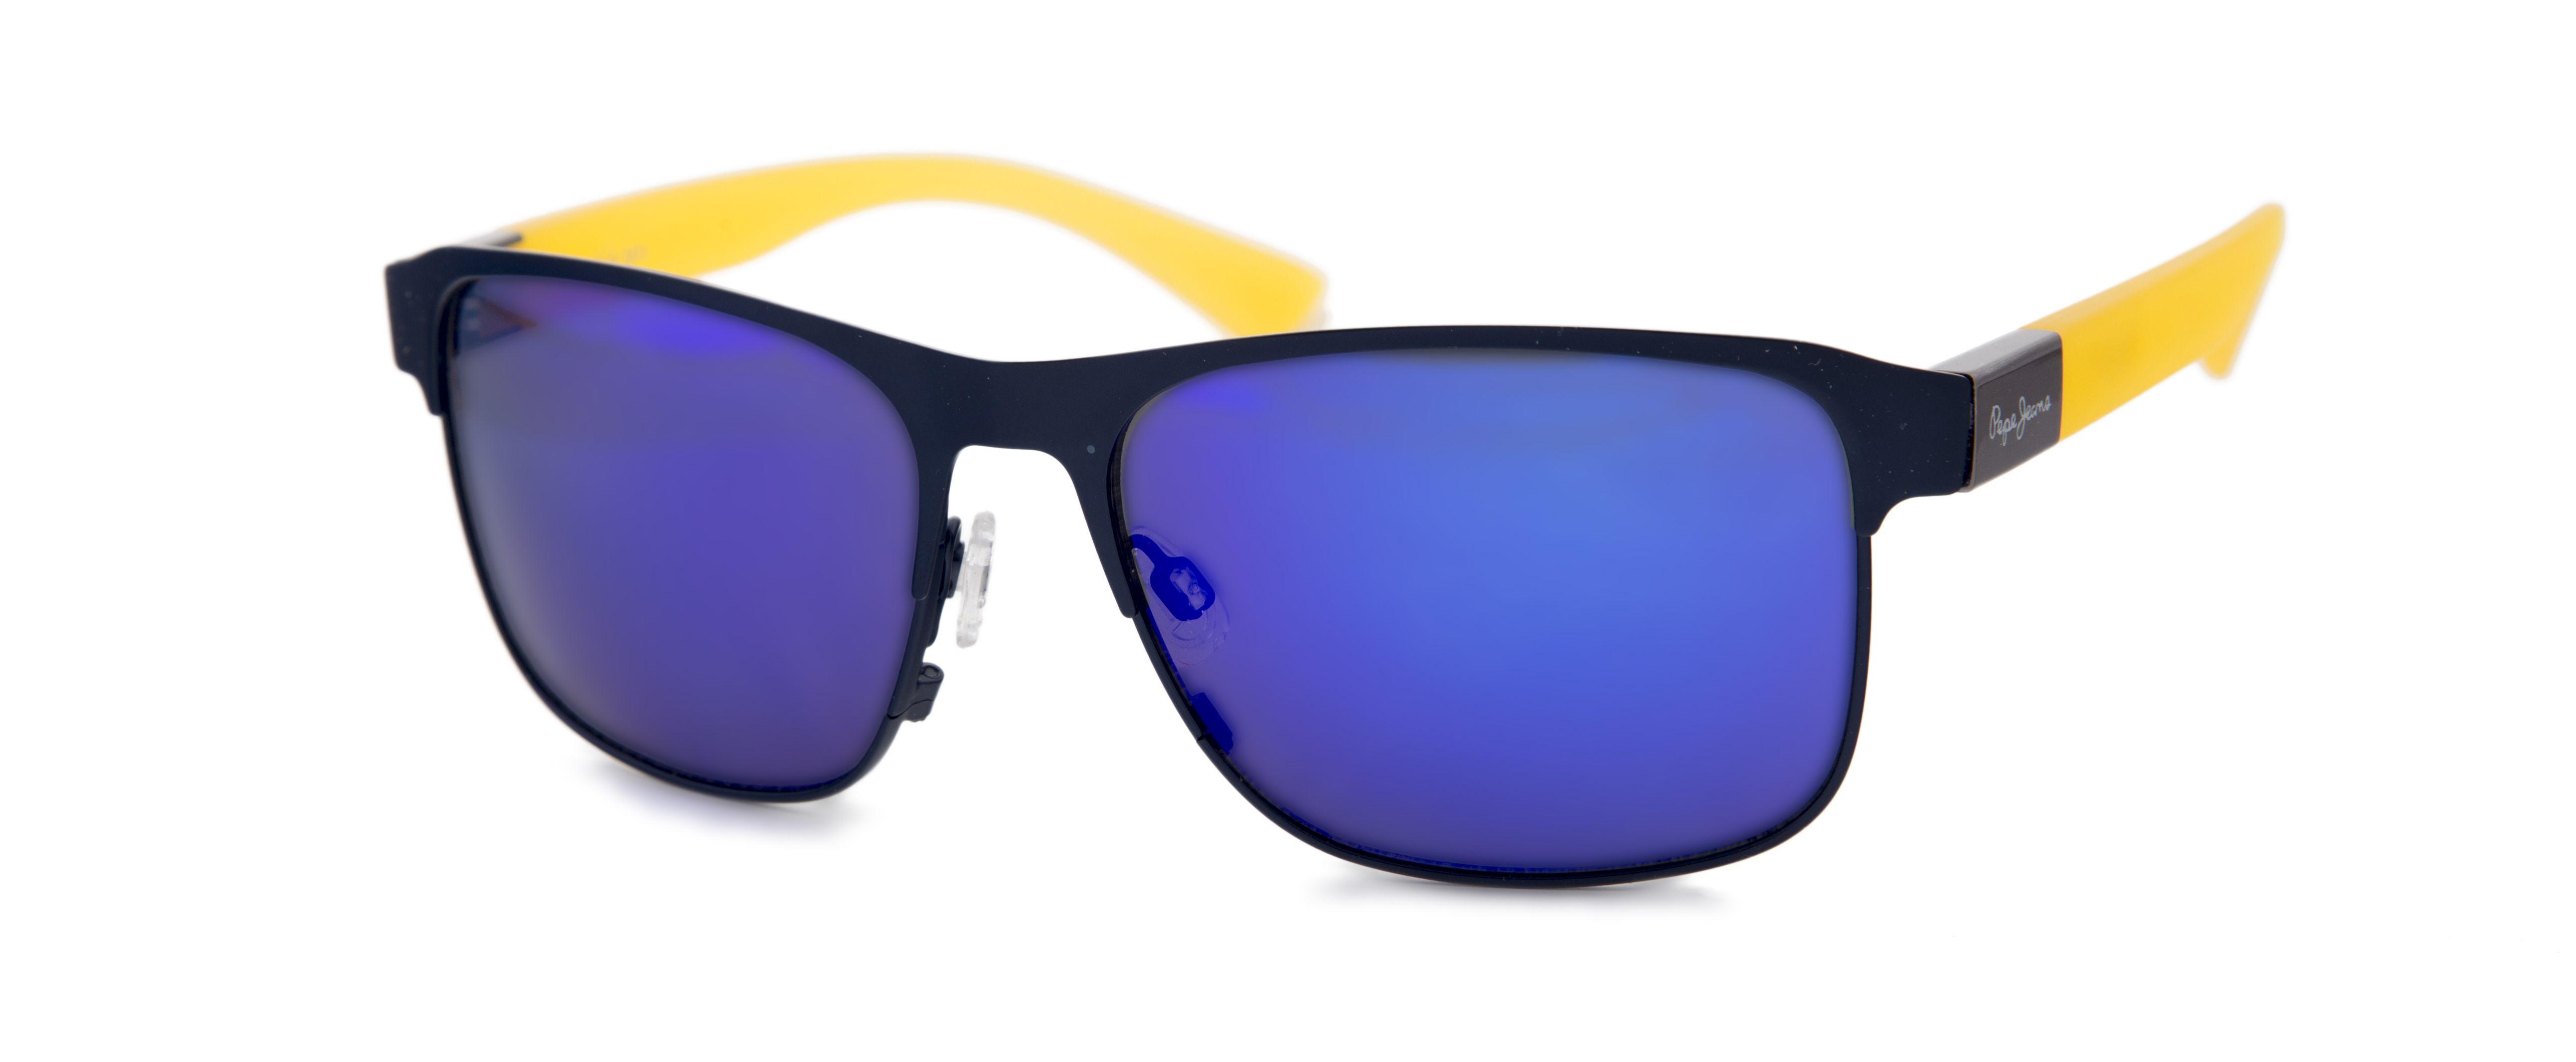 OpticaliaModelo Pepe Jeans Hombre Sol Bicolor De Gafas Para y7gvYbf6